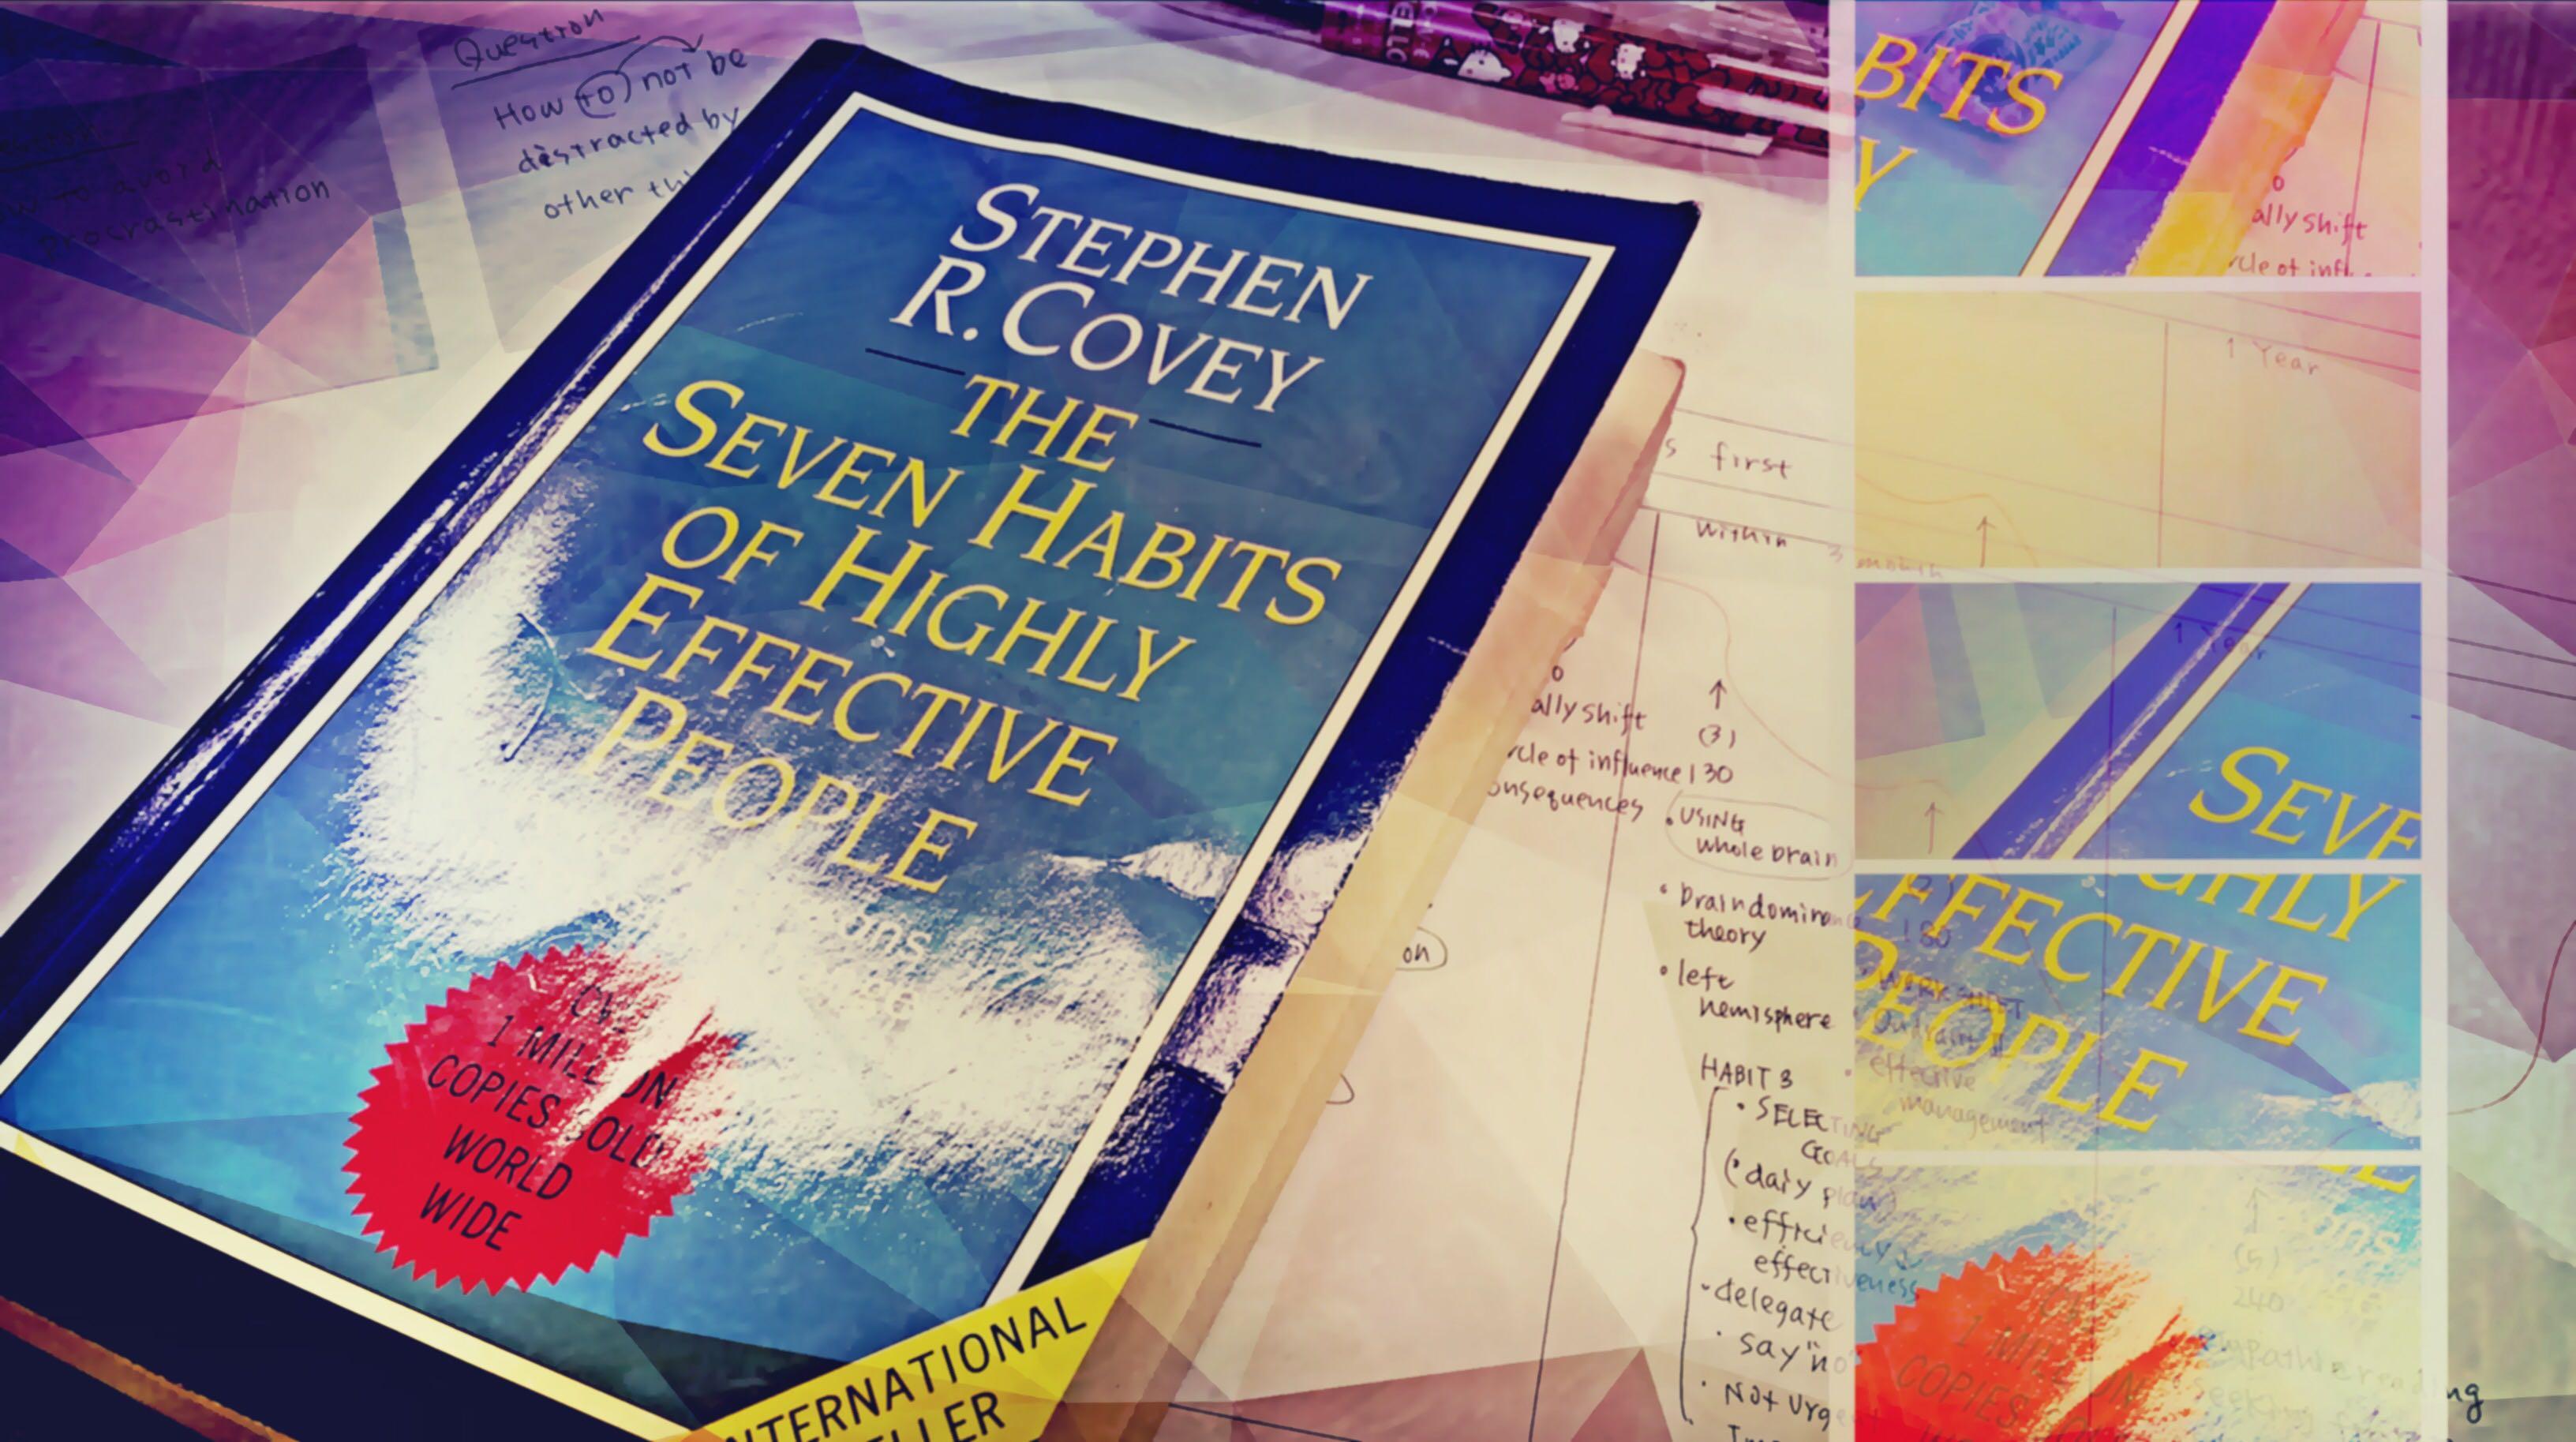 行動によって人生を変えるための読書法